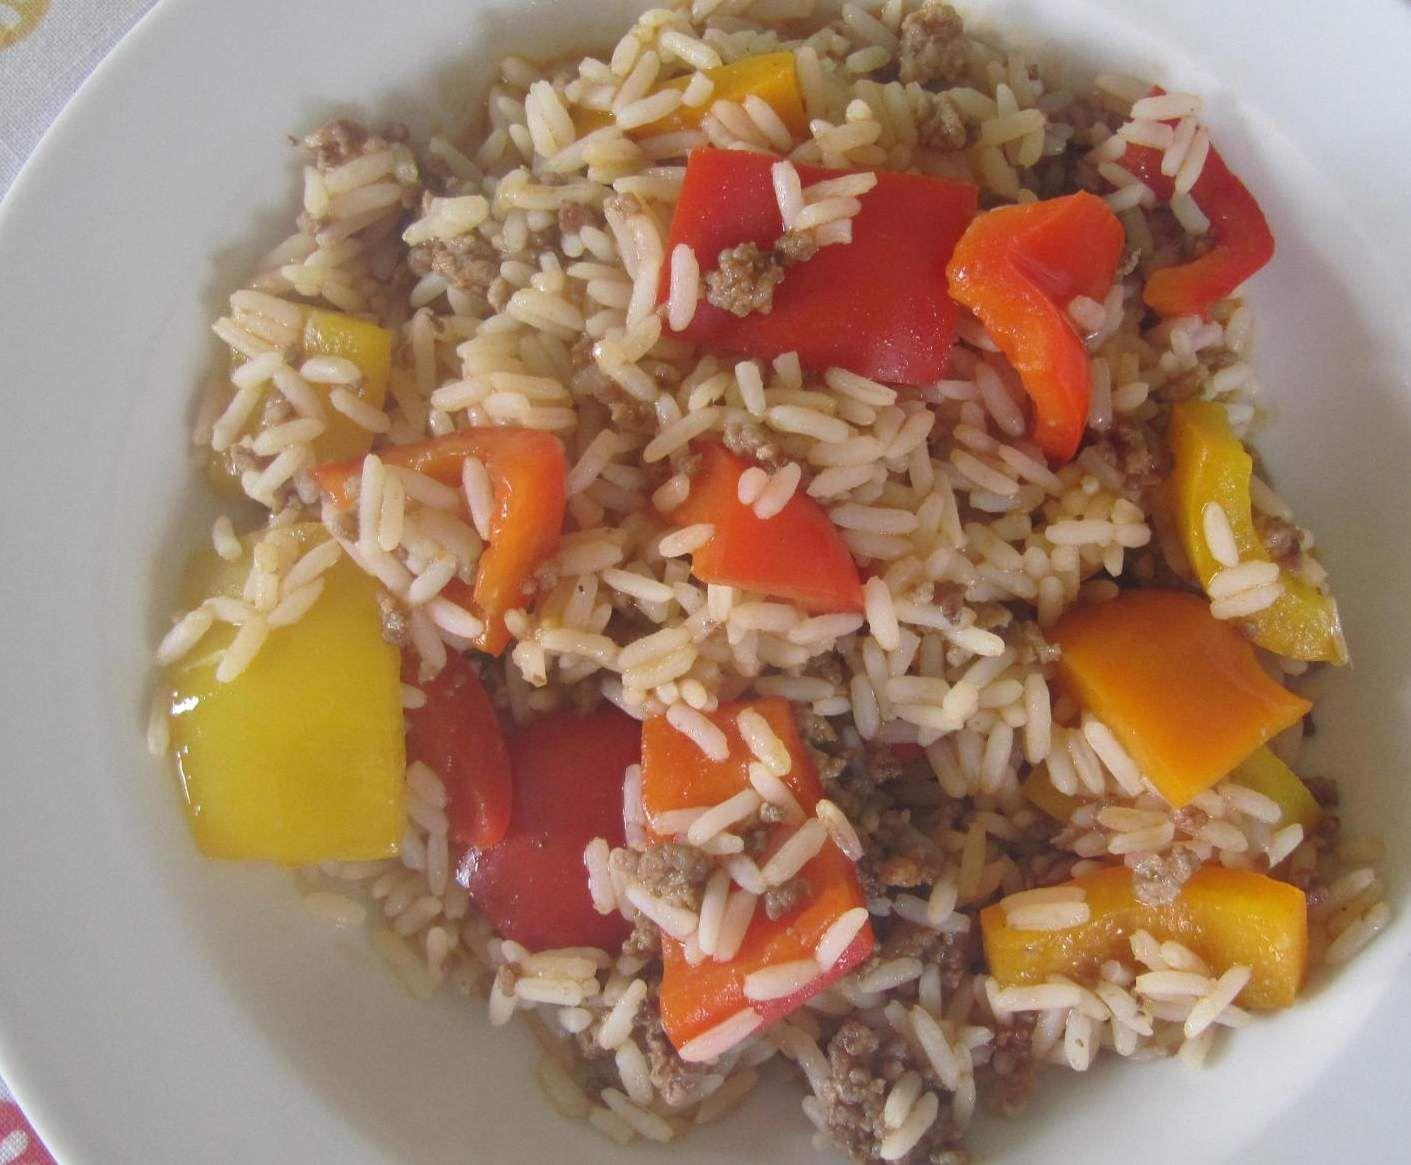 Rezept Hackfleischtopf mit Reis und Paprika von nikola2104 - Rezept der Kategorie Hauptgerichte mit Fleisch